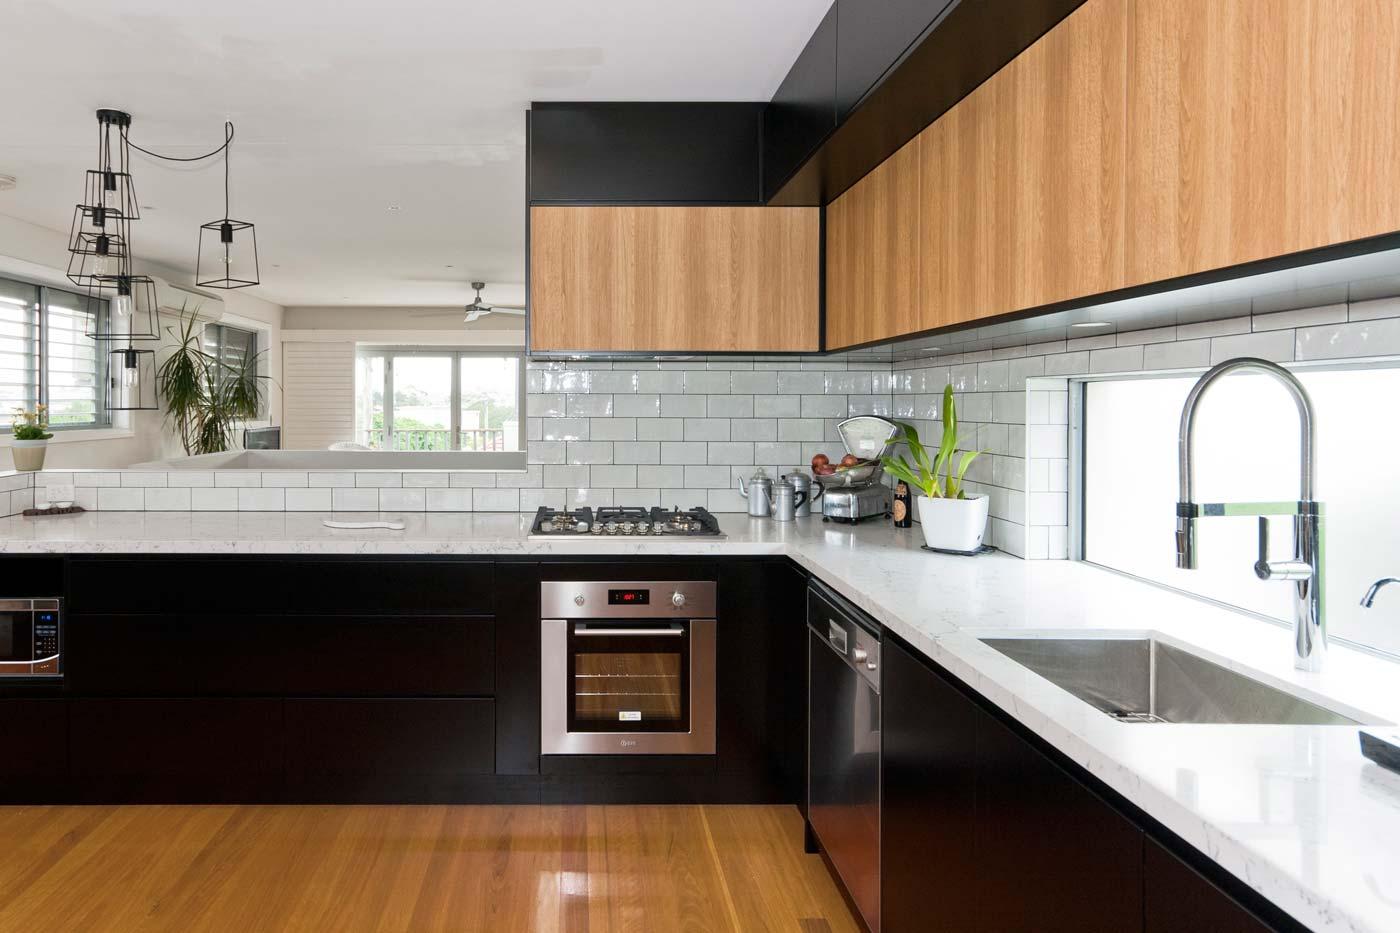 Caesarstone White Attica Dulux Domino Black Kitchen Design Polyurethane Cabinets Industrial 5a